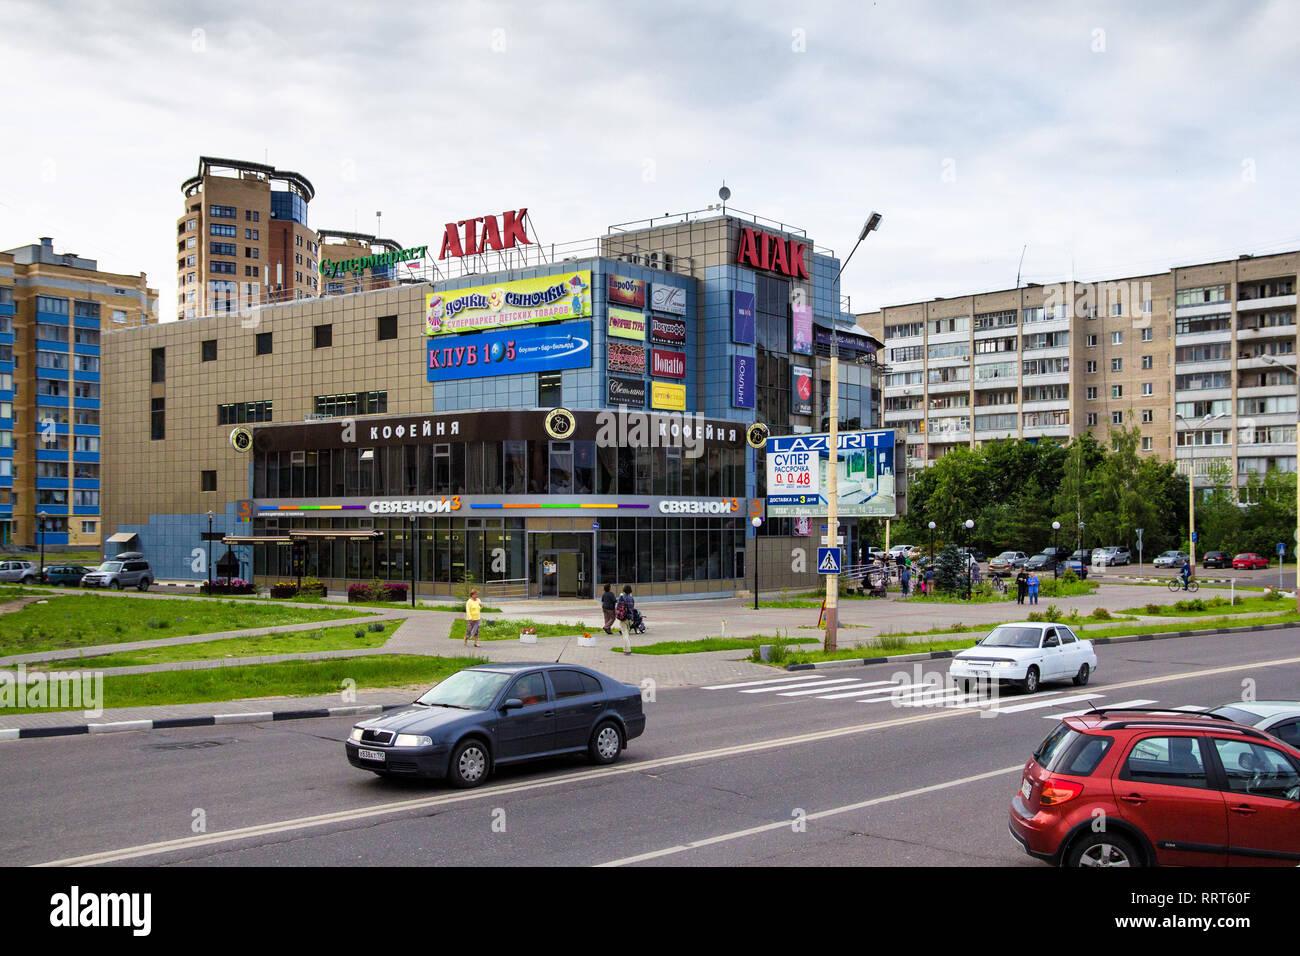 Dubna, Russia - 11 LUG 2014: complesso per lo shopping con un negozio Atak e la seconda più grande ricevitore indipendente Svyaznoy rivenditore. Immagini Stock